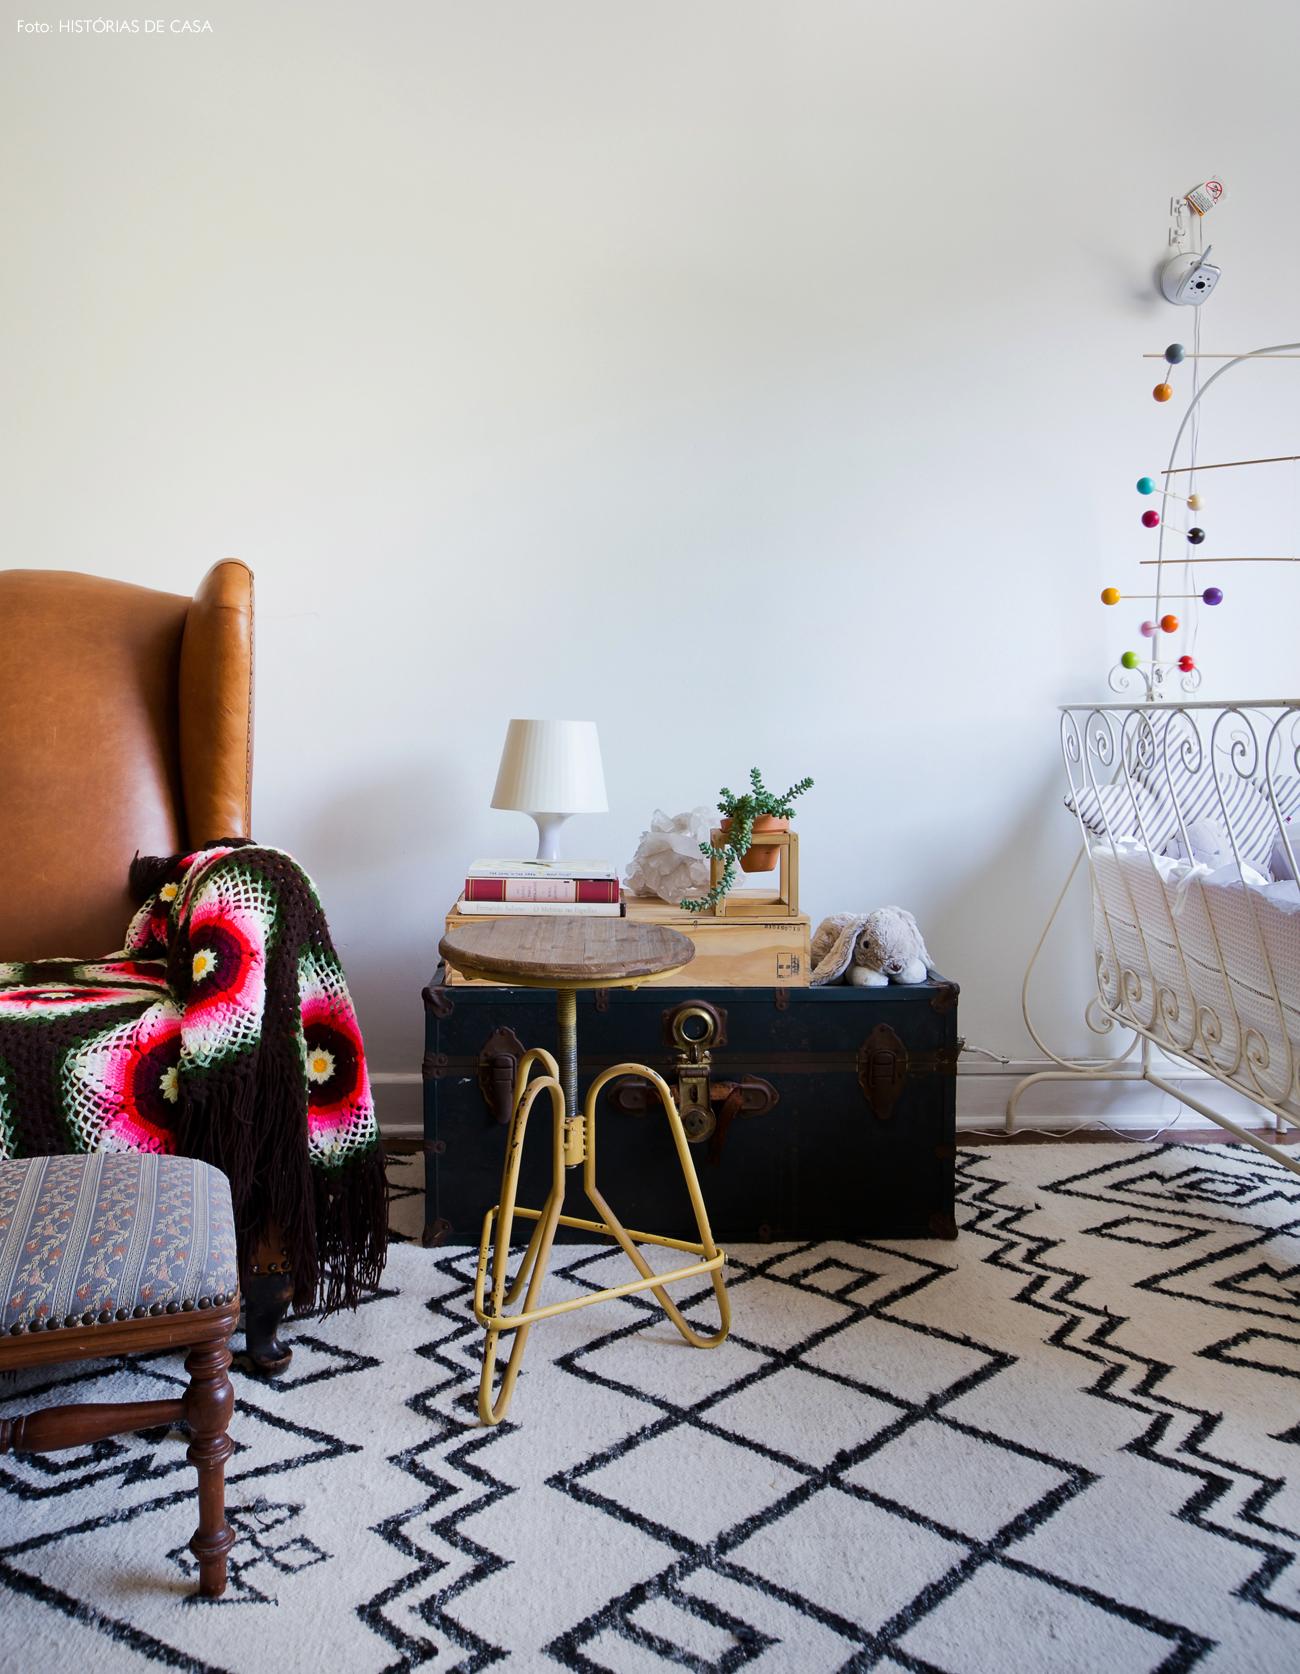 33-decoracao-quarto-bebe-tons-neutros-bau-como-mesa